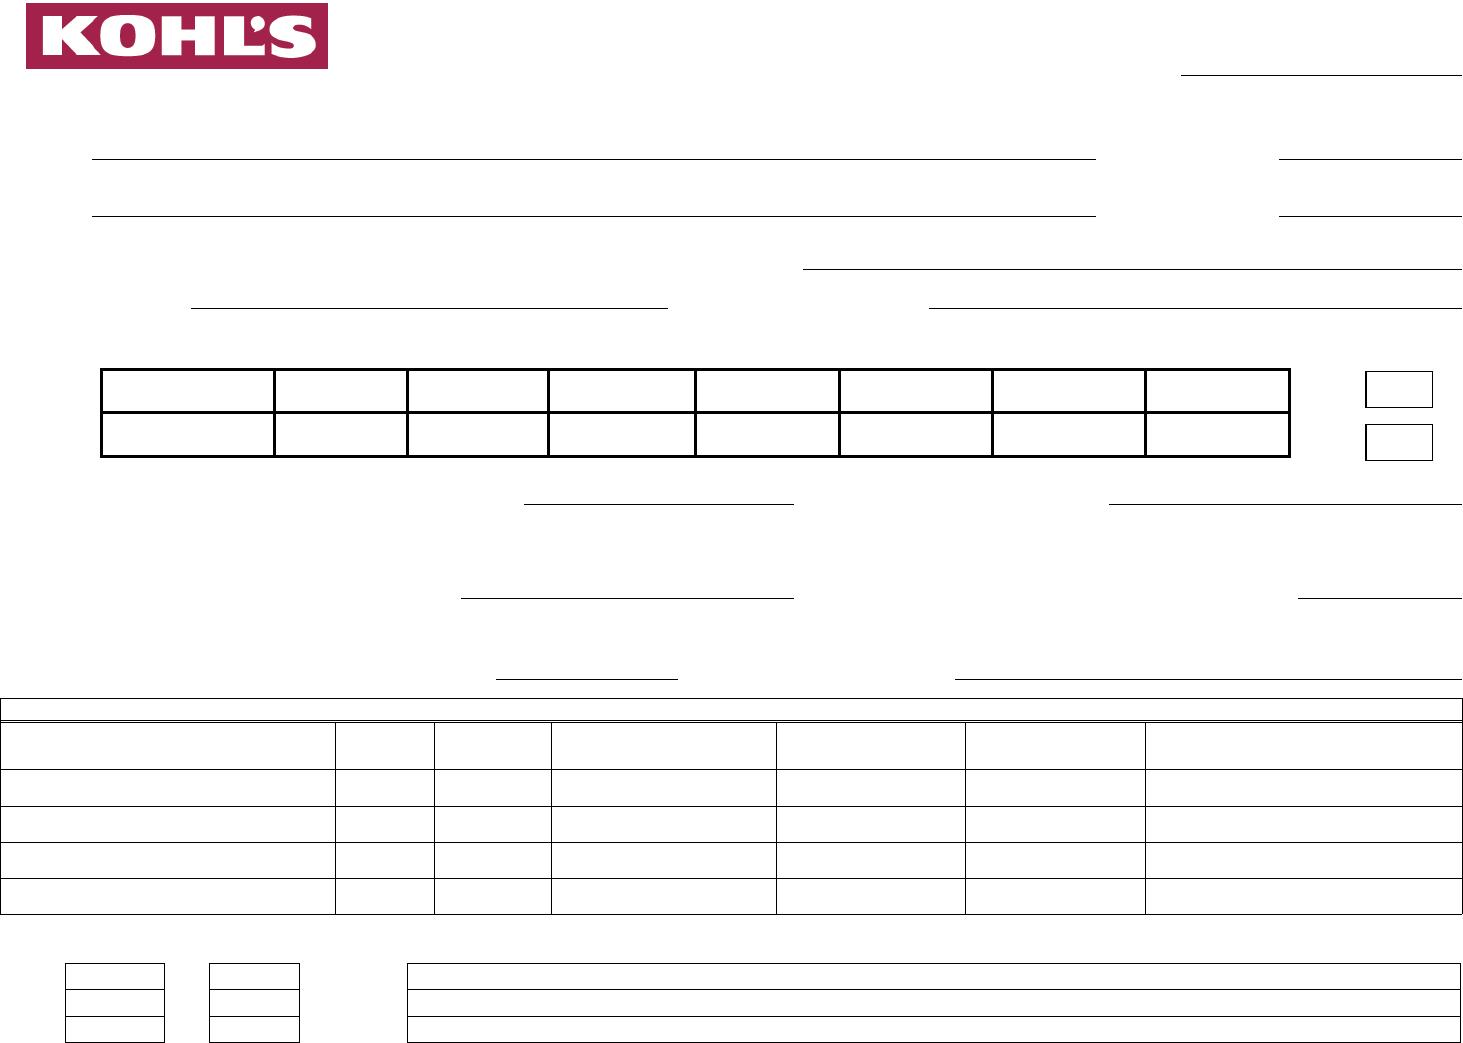 Free Printable Kohl\'s Job Application Form